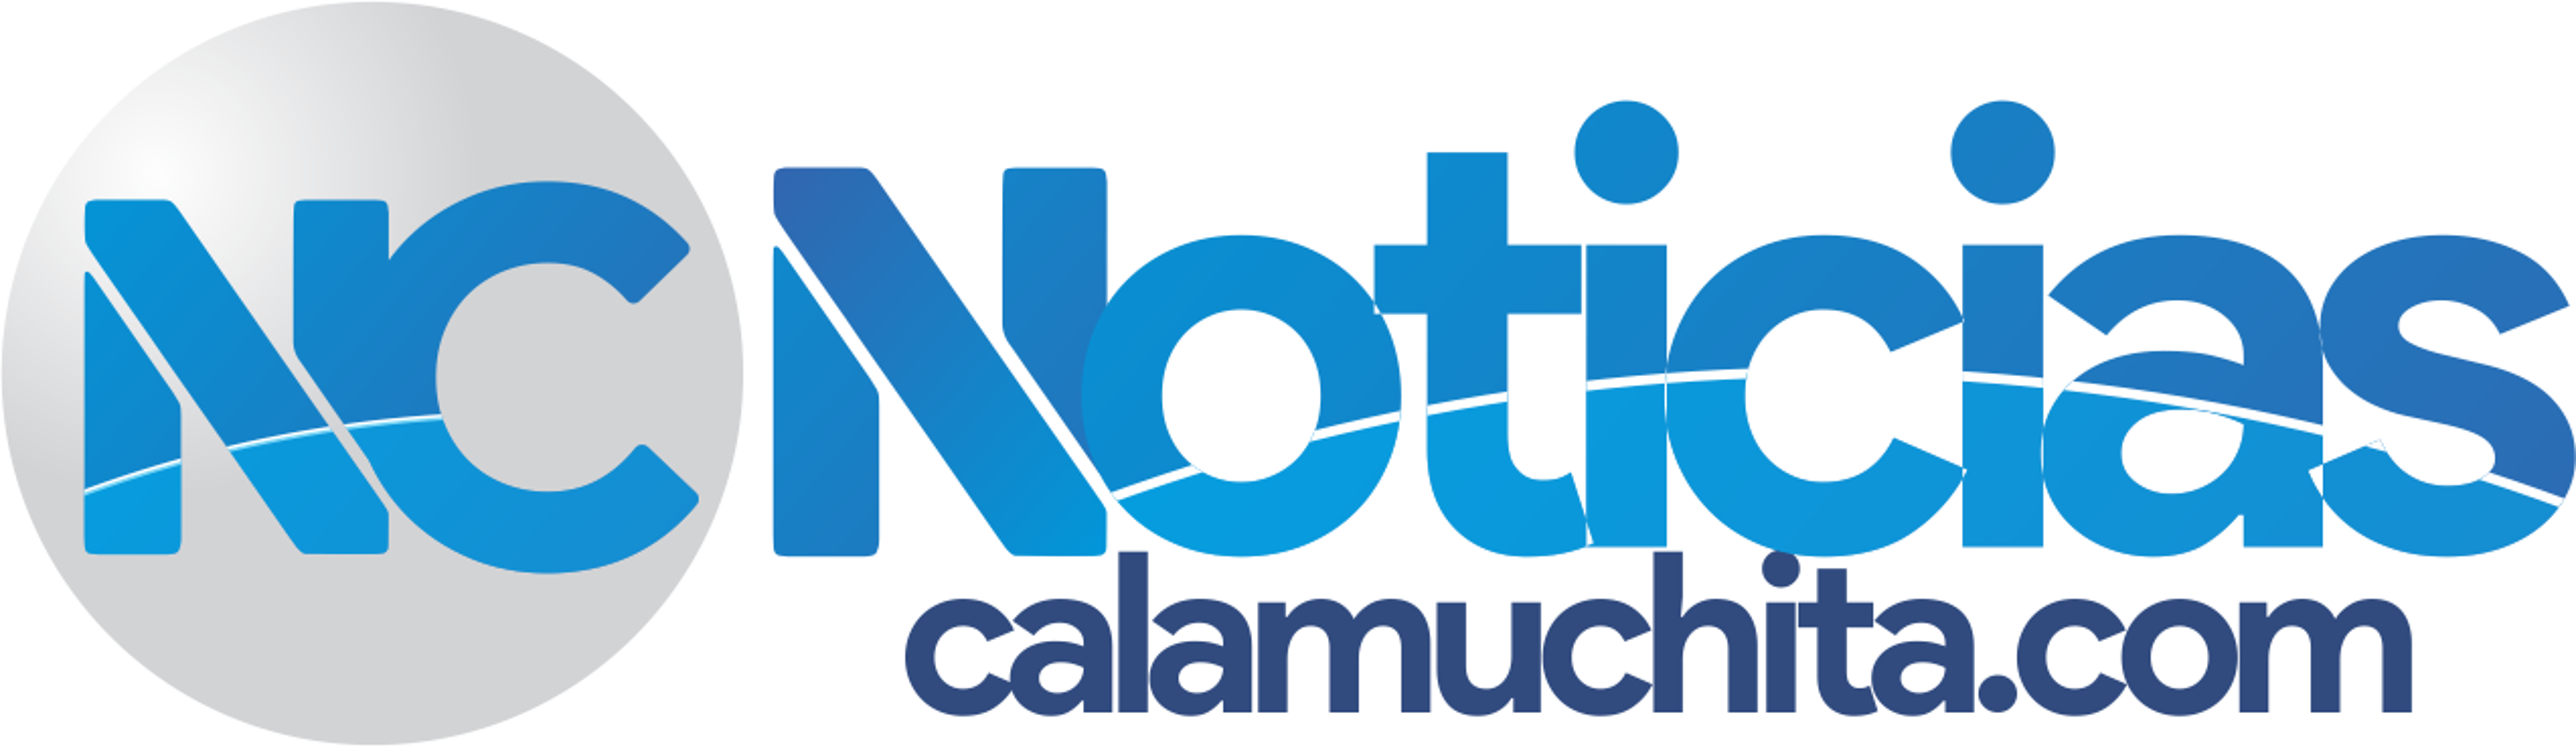 Noticias Calamuchita